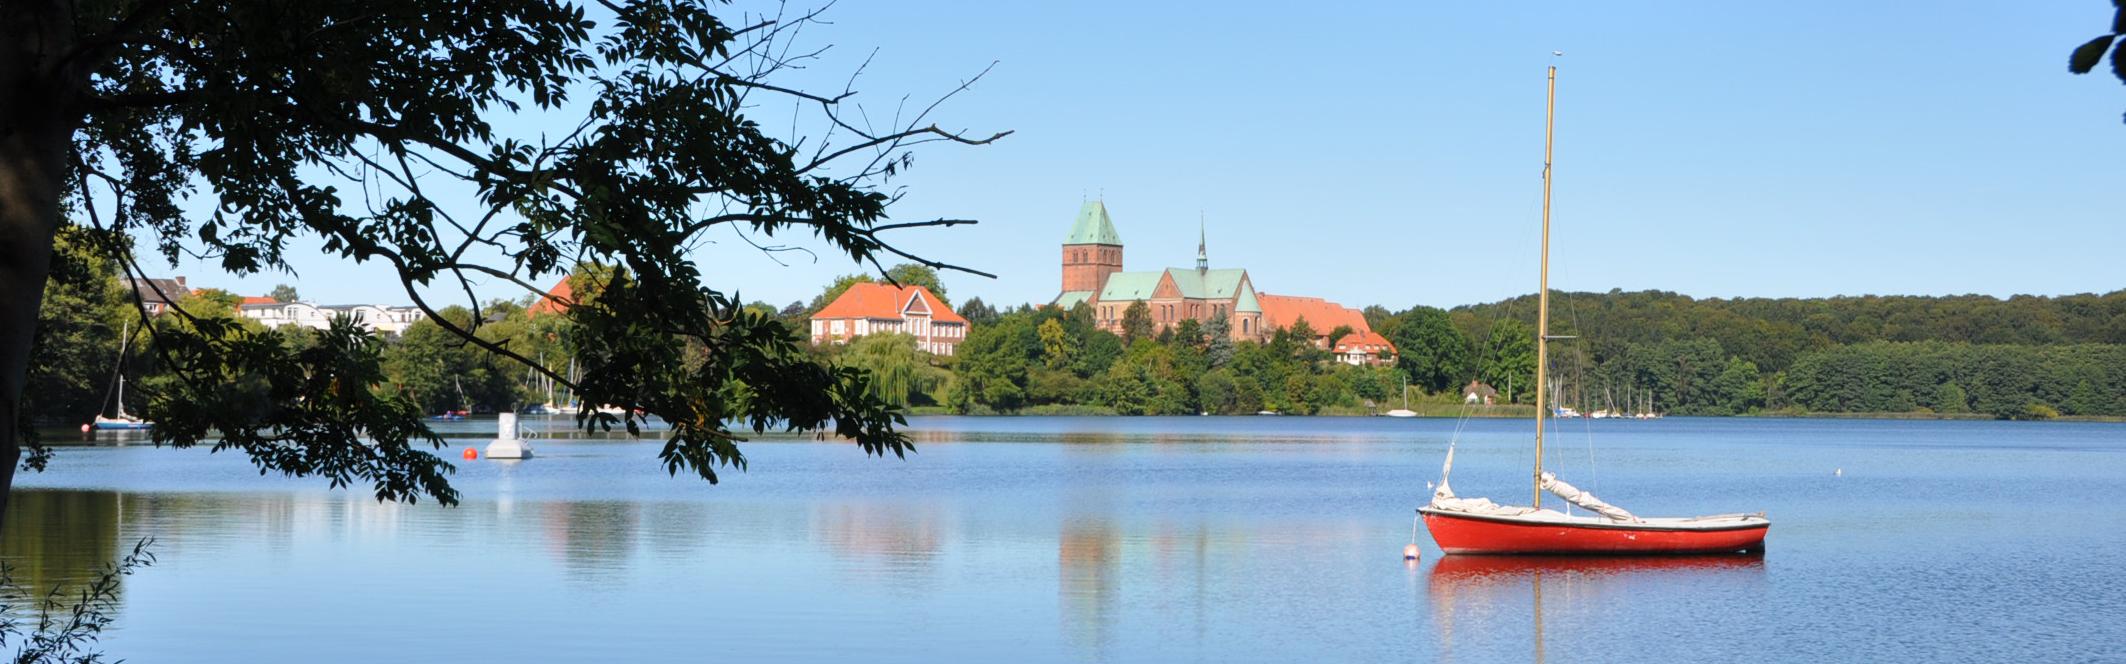 Immobilien in Ratzeburg und Mölln